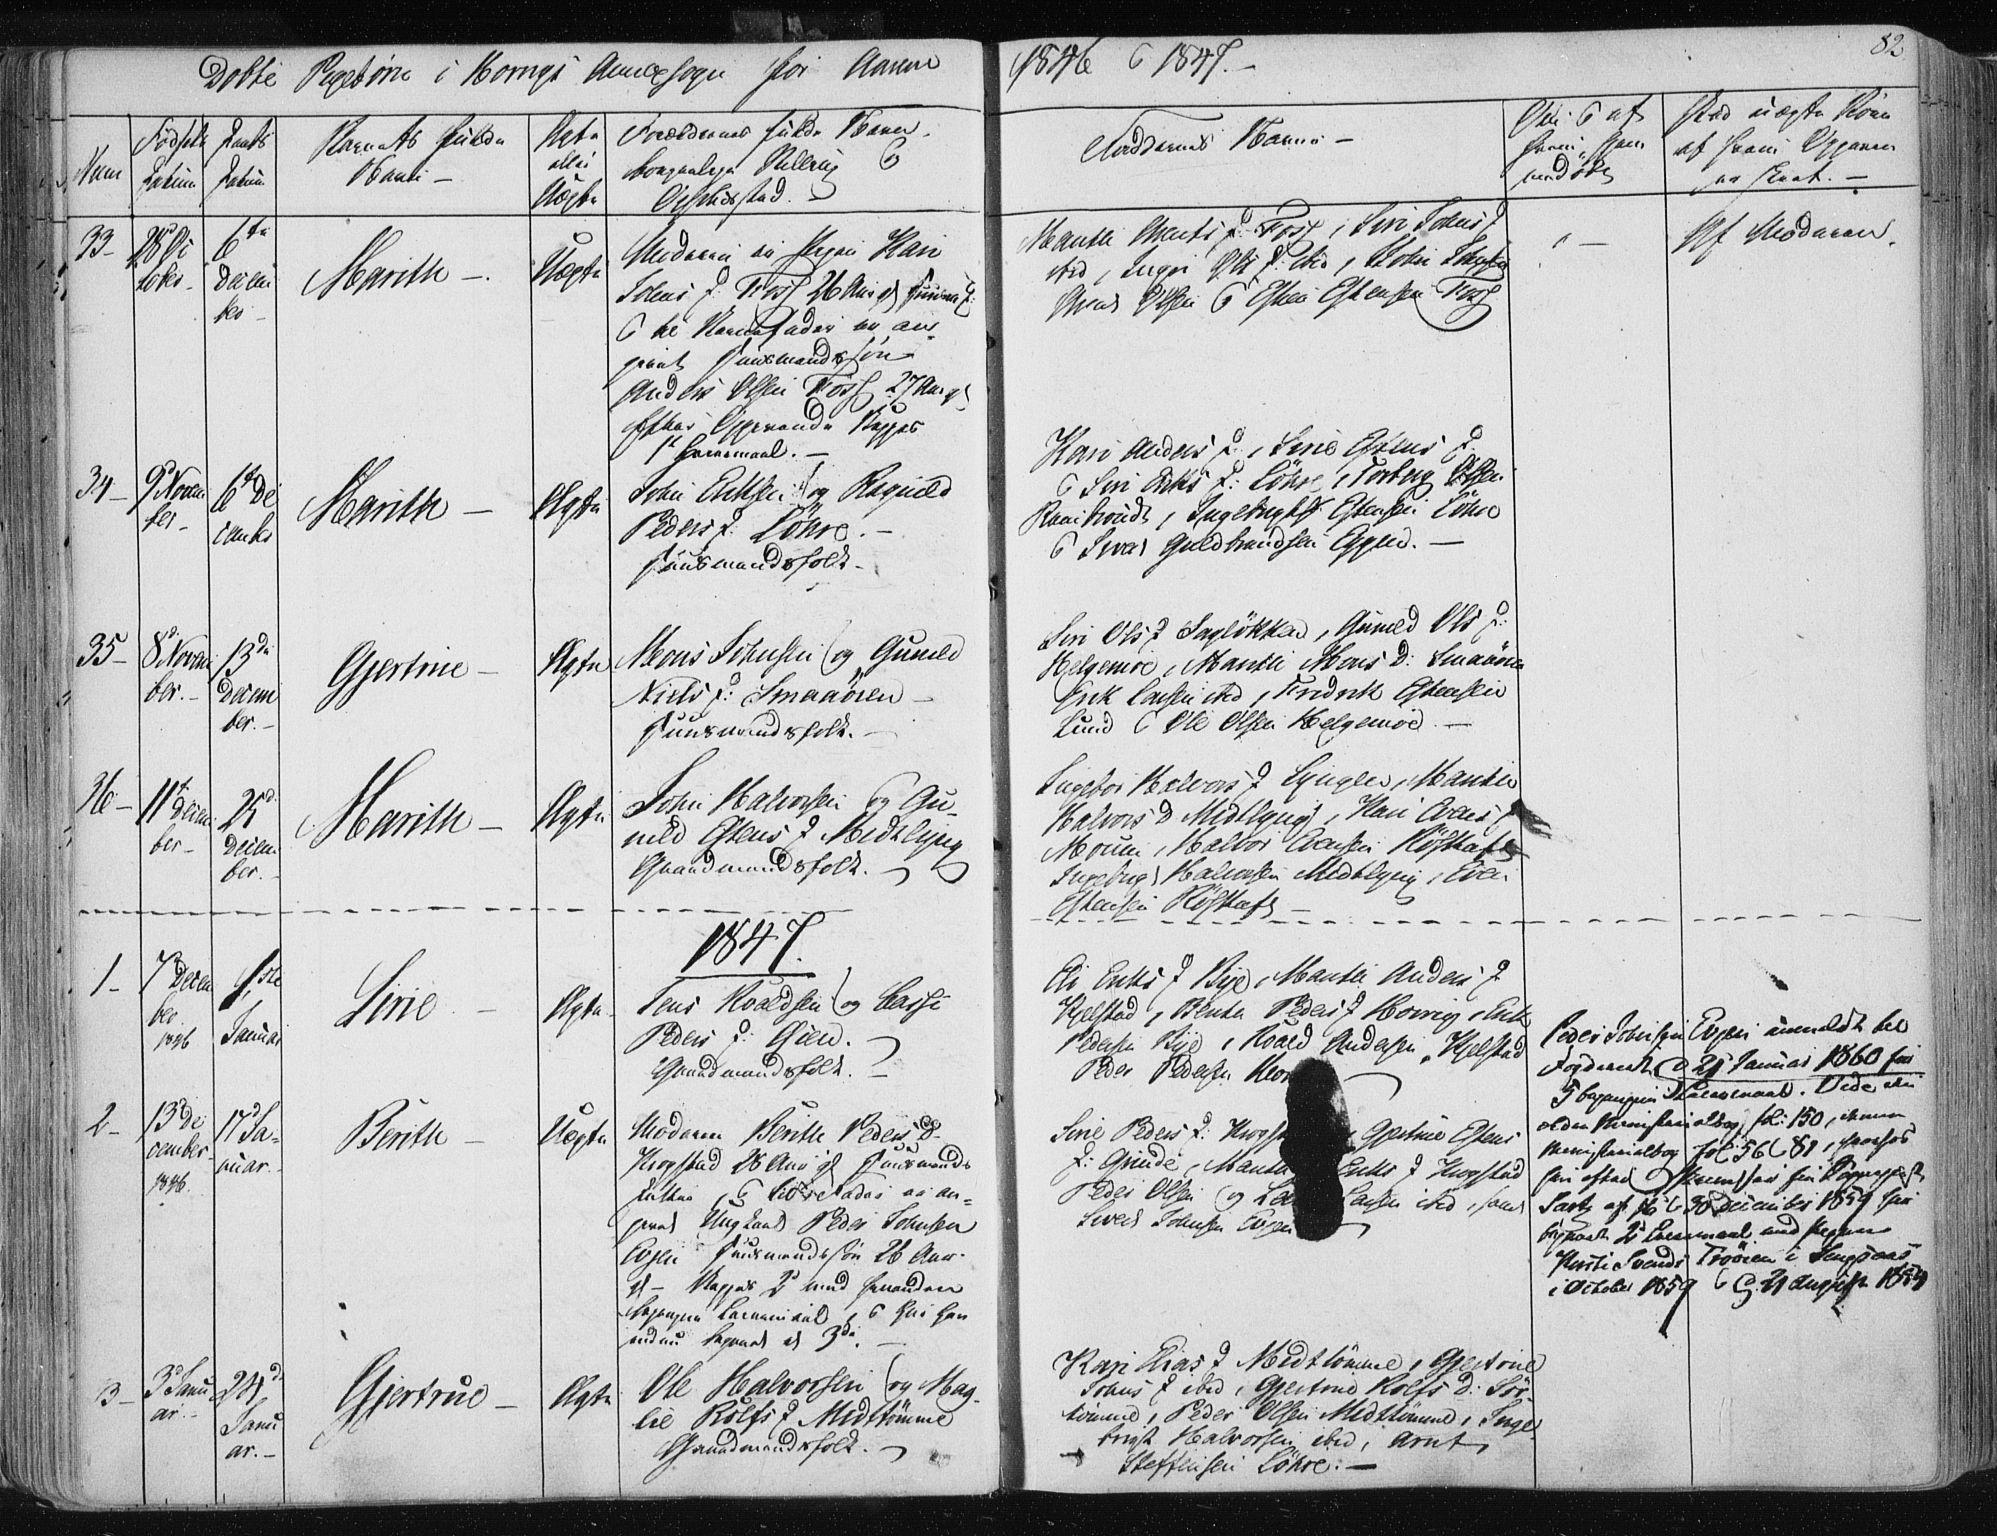 SAT, Ministerialprotokoller, klokkerbøker og fødselsregistre - Sør-Trøndelag, 687/L0998: Ministerialbok nr. 687A05 /2, 1843-1849, s. 82